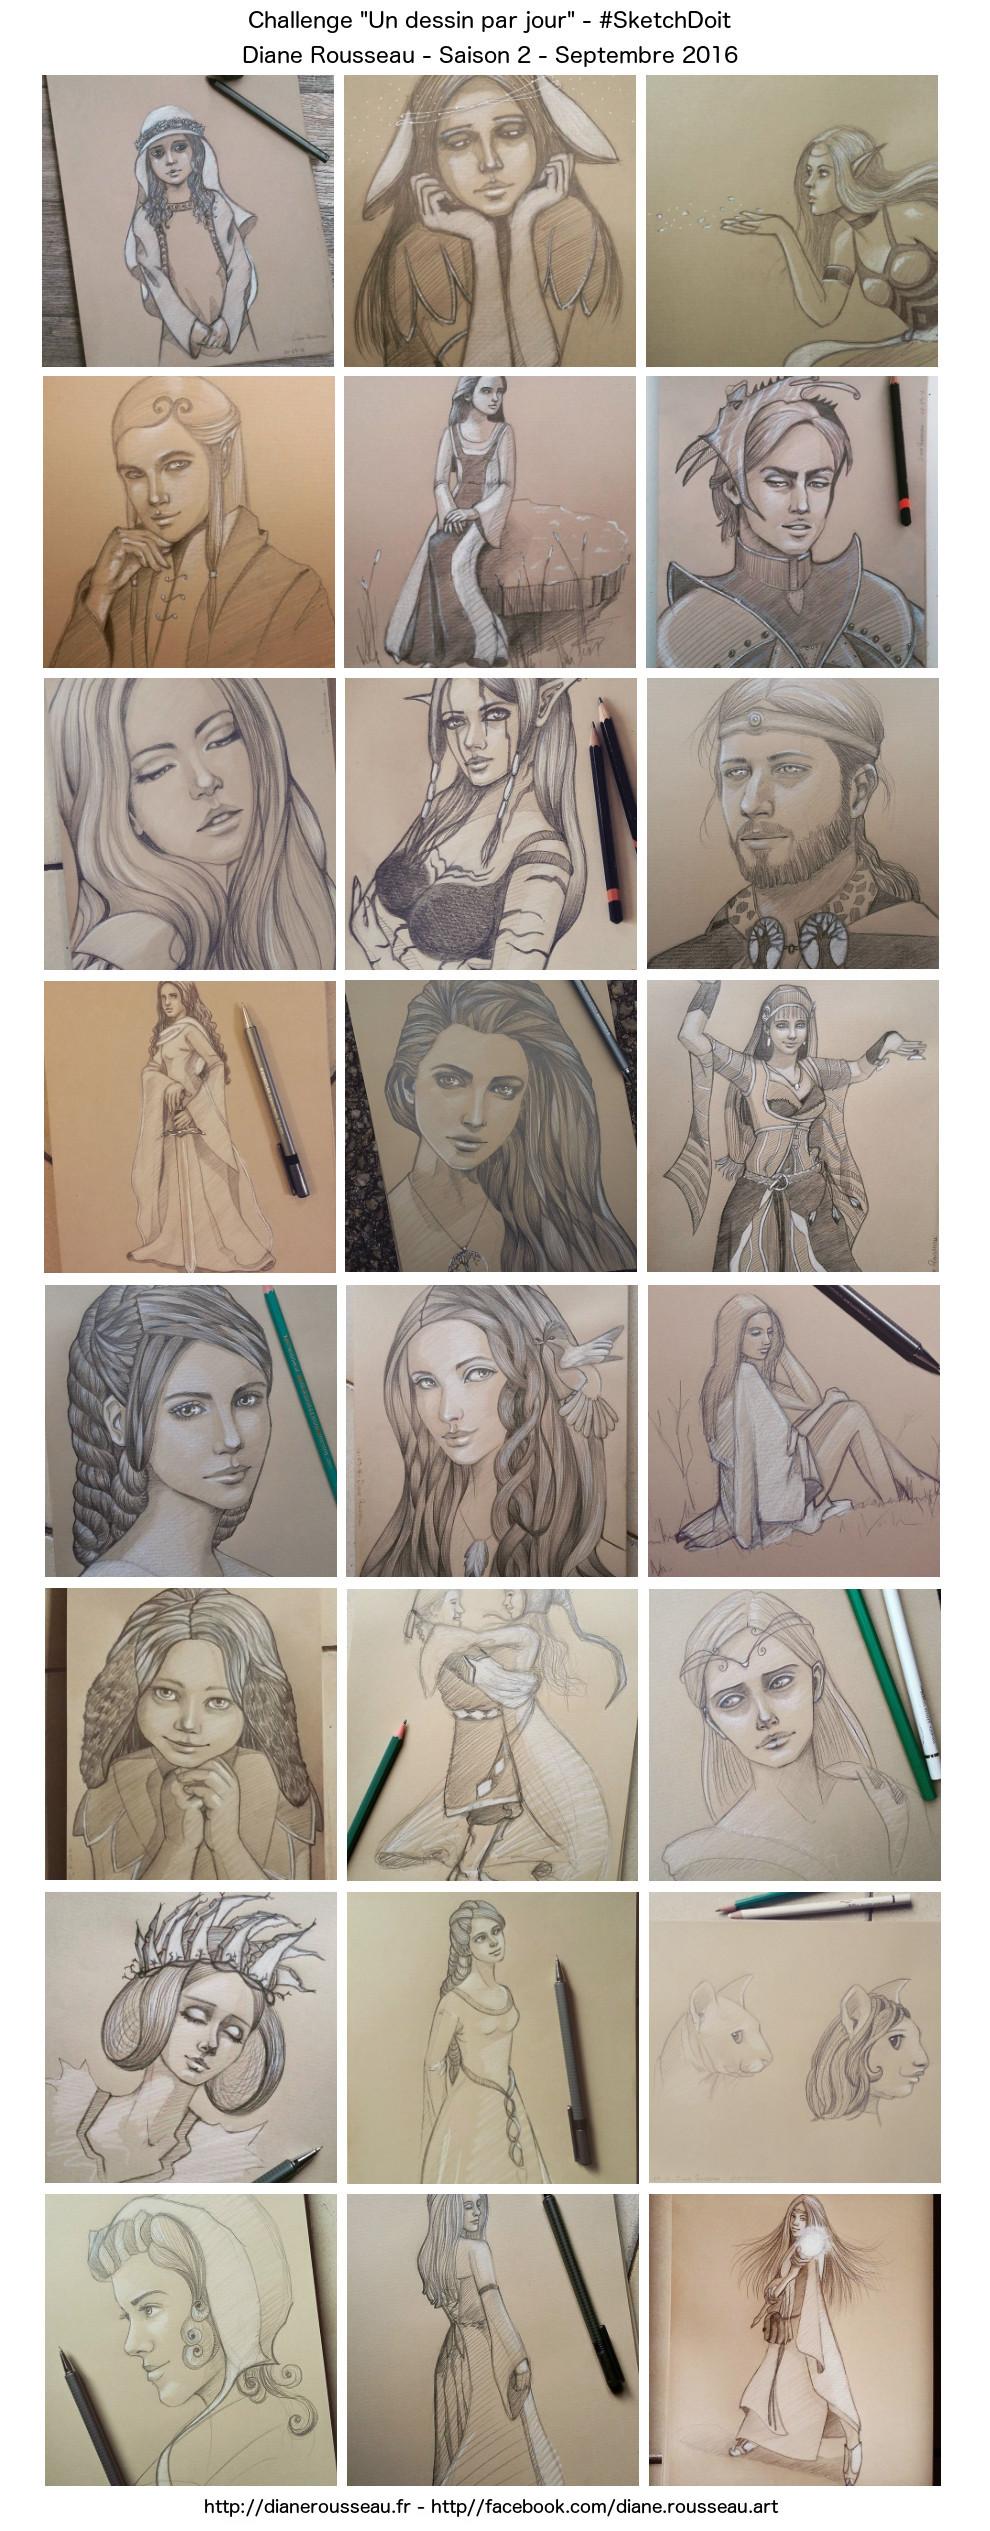 sketch do it, dessin, diane rousses